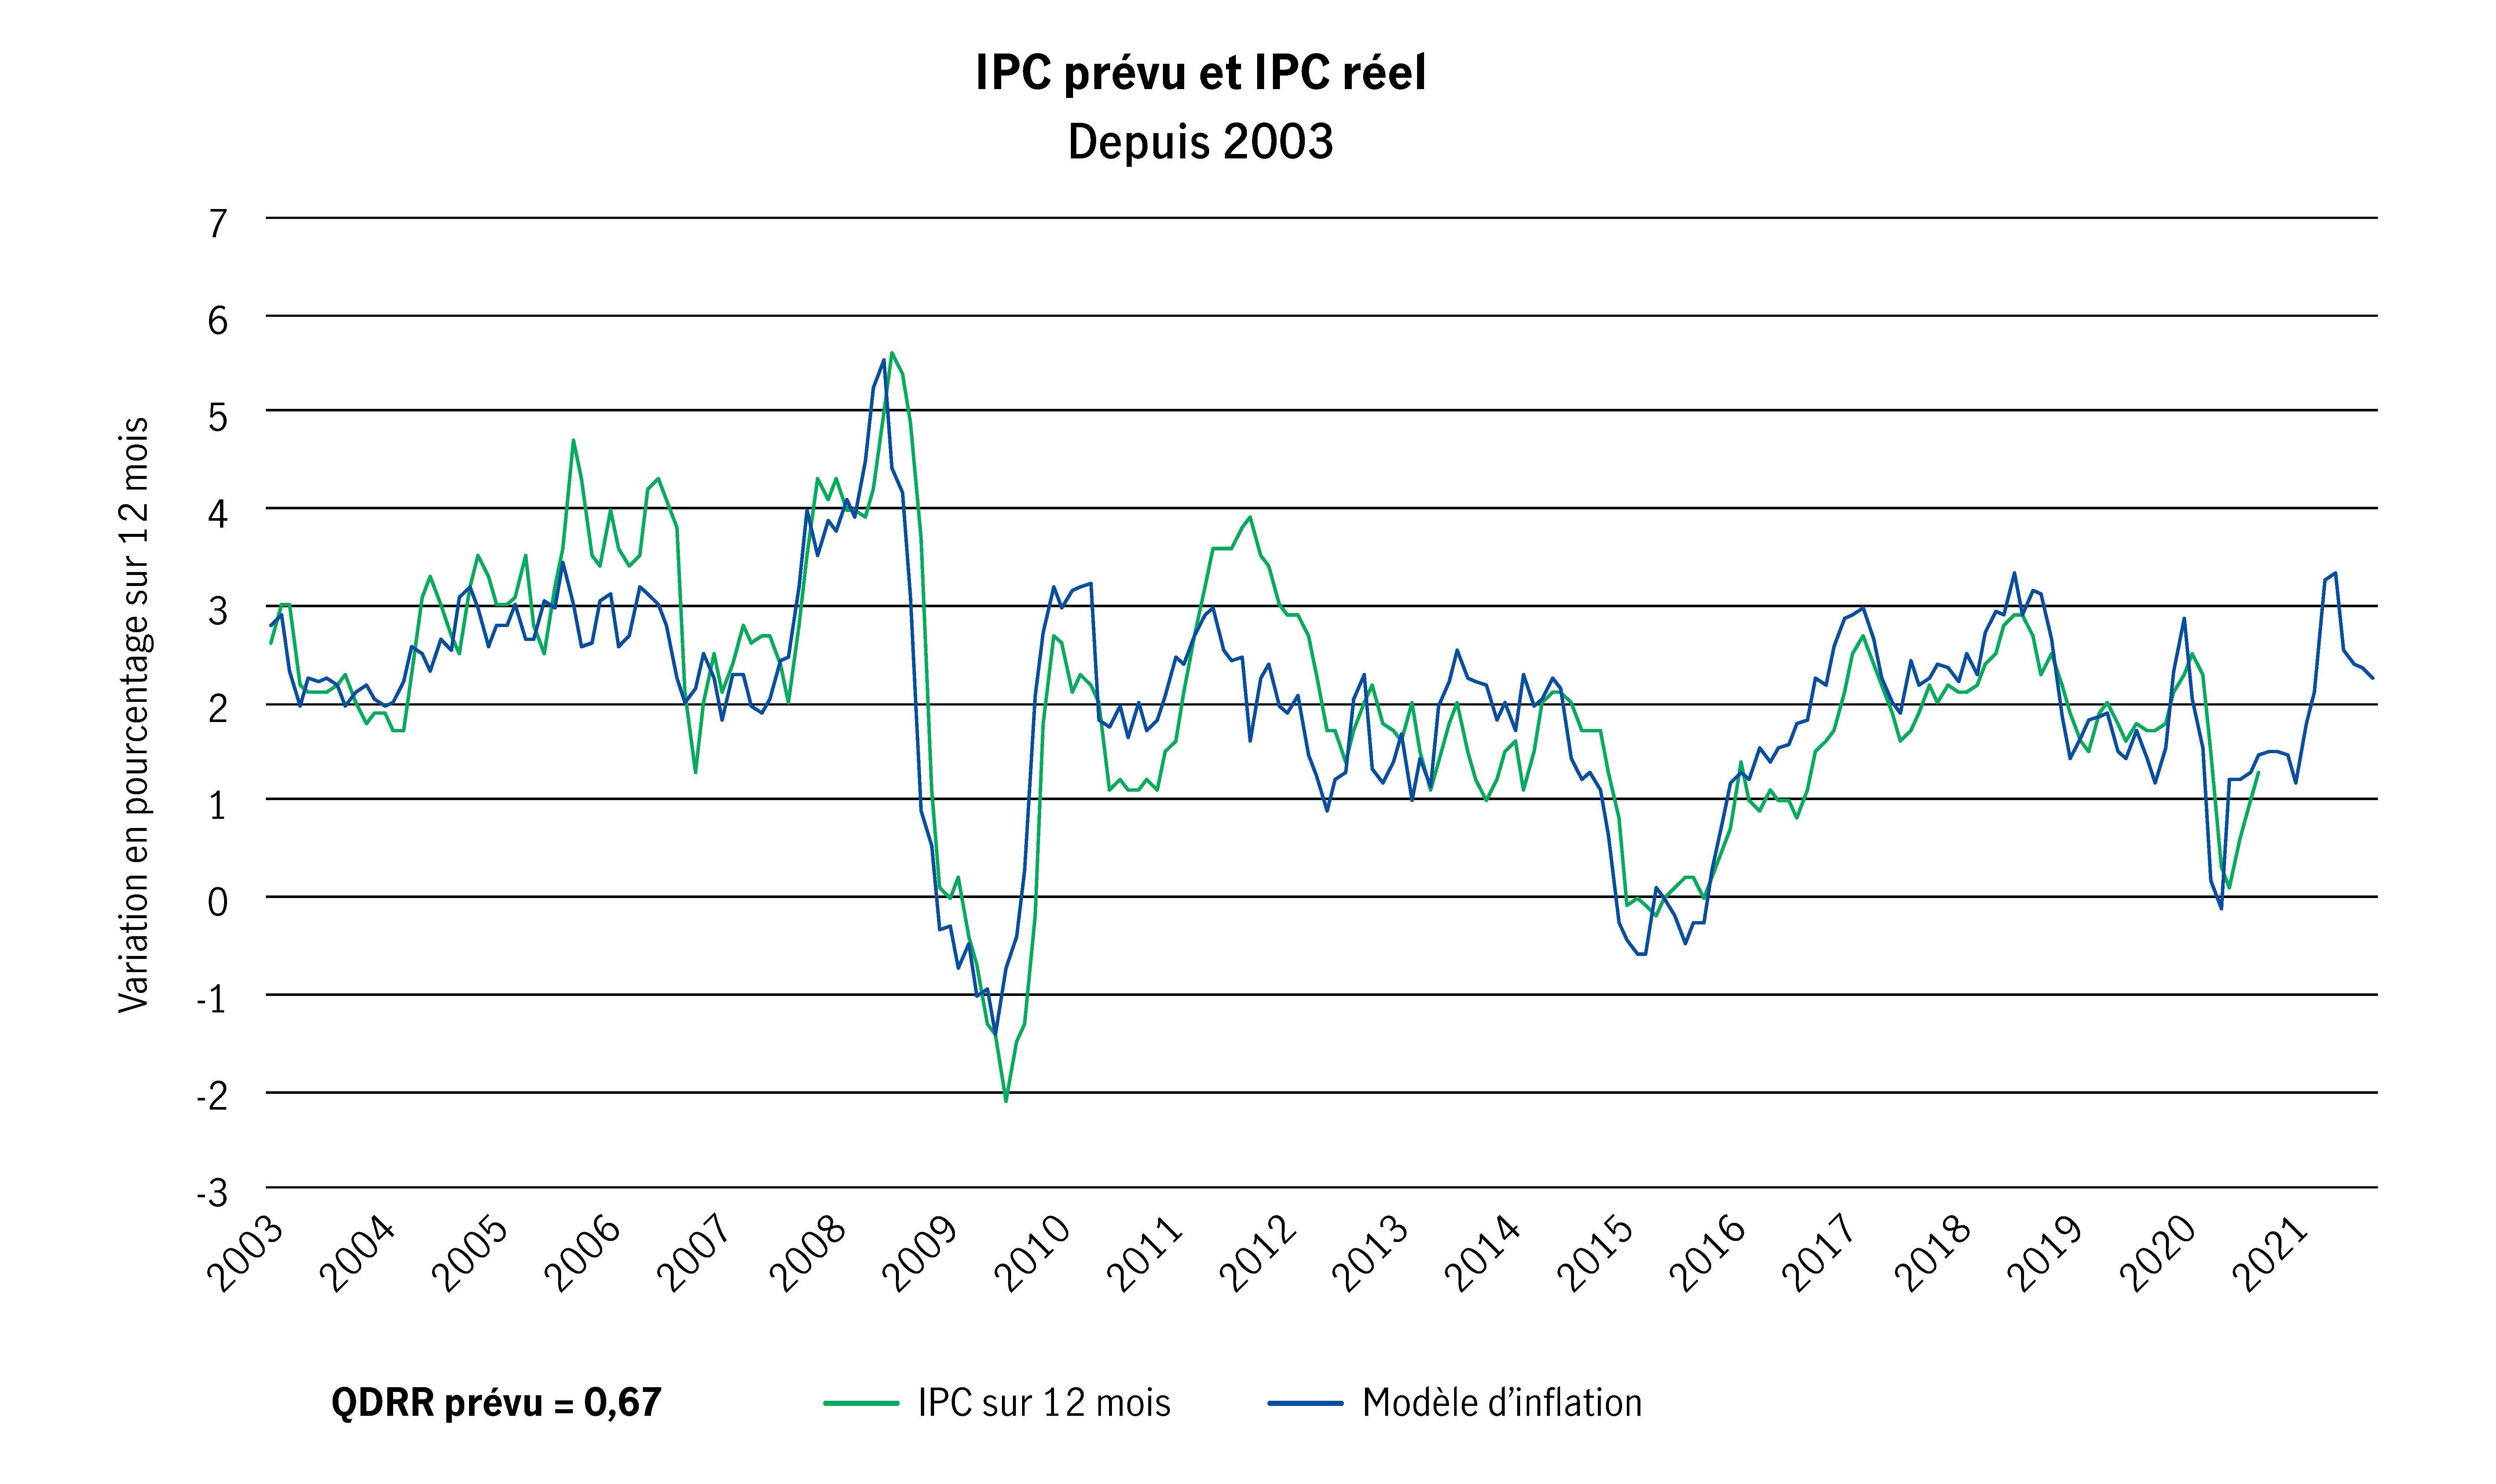 Notre modèle d'inflation continue de suggérer une inflation plus élevée, et non une déflation